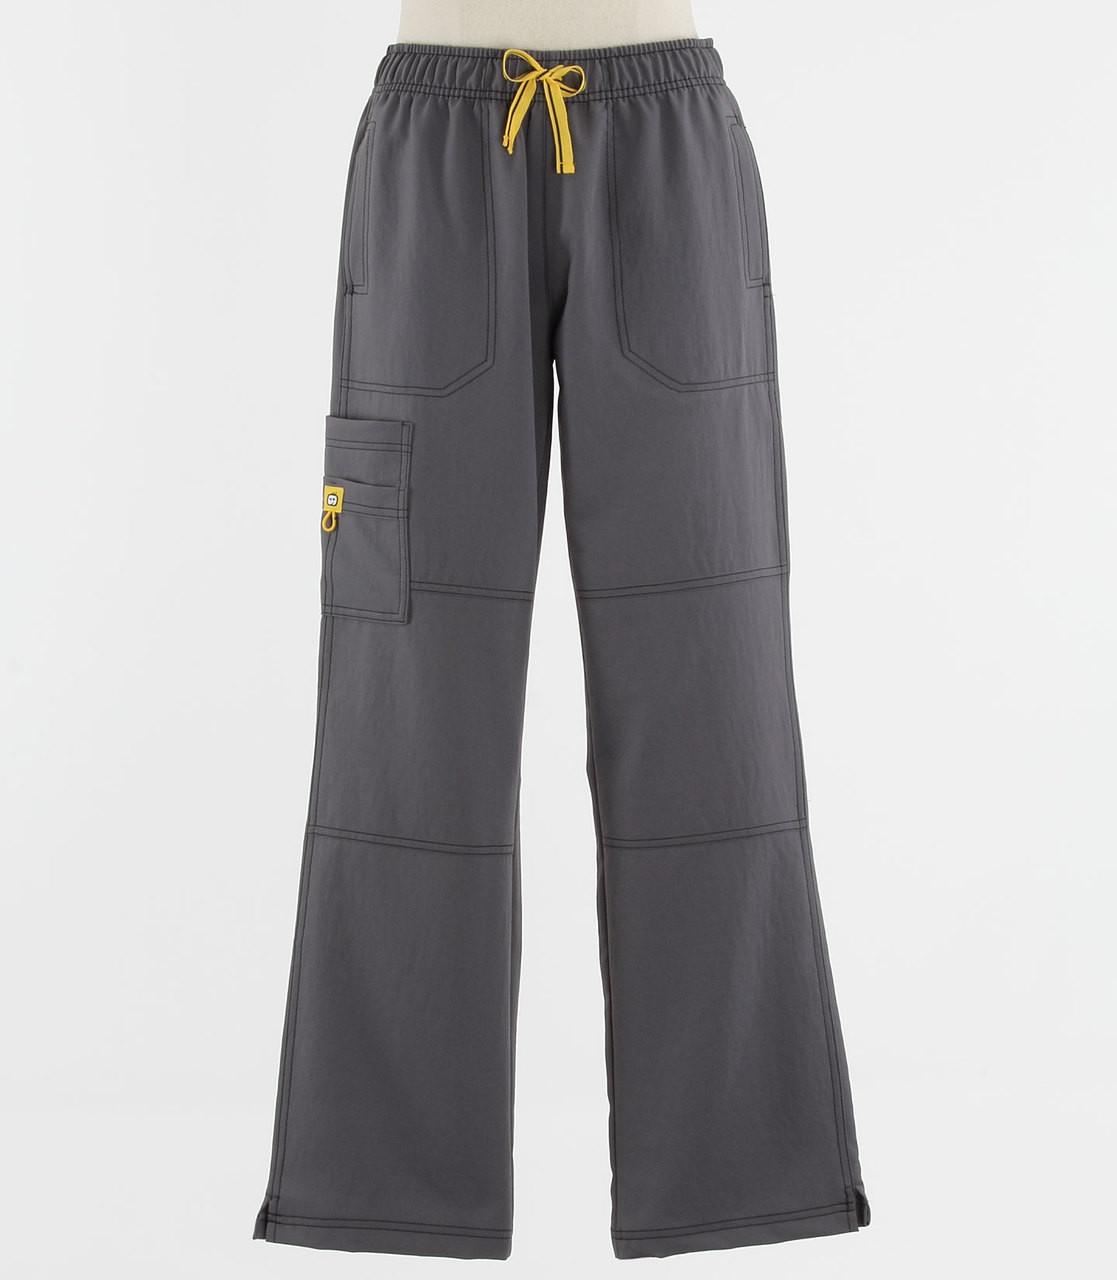 27f519dd4d8 WonderWink Womens 4-Stretch Sporty Cargo Scrub Pants Pewter - Scrub Med